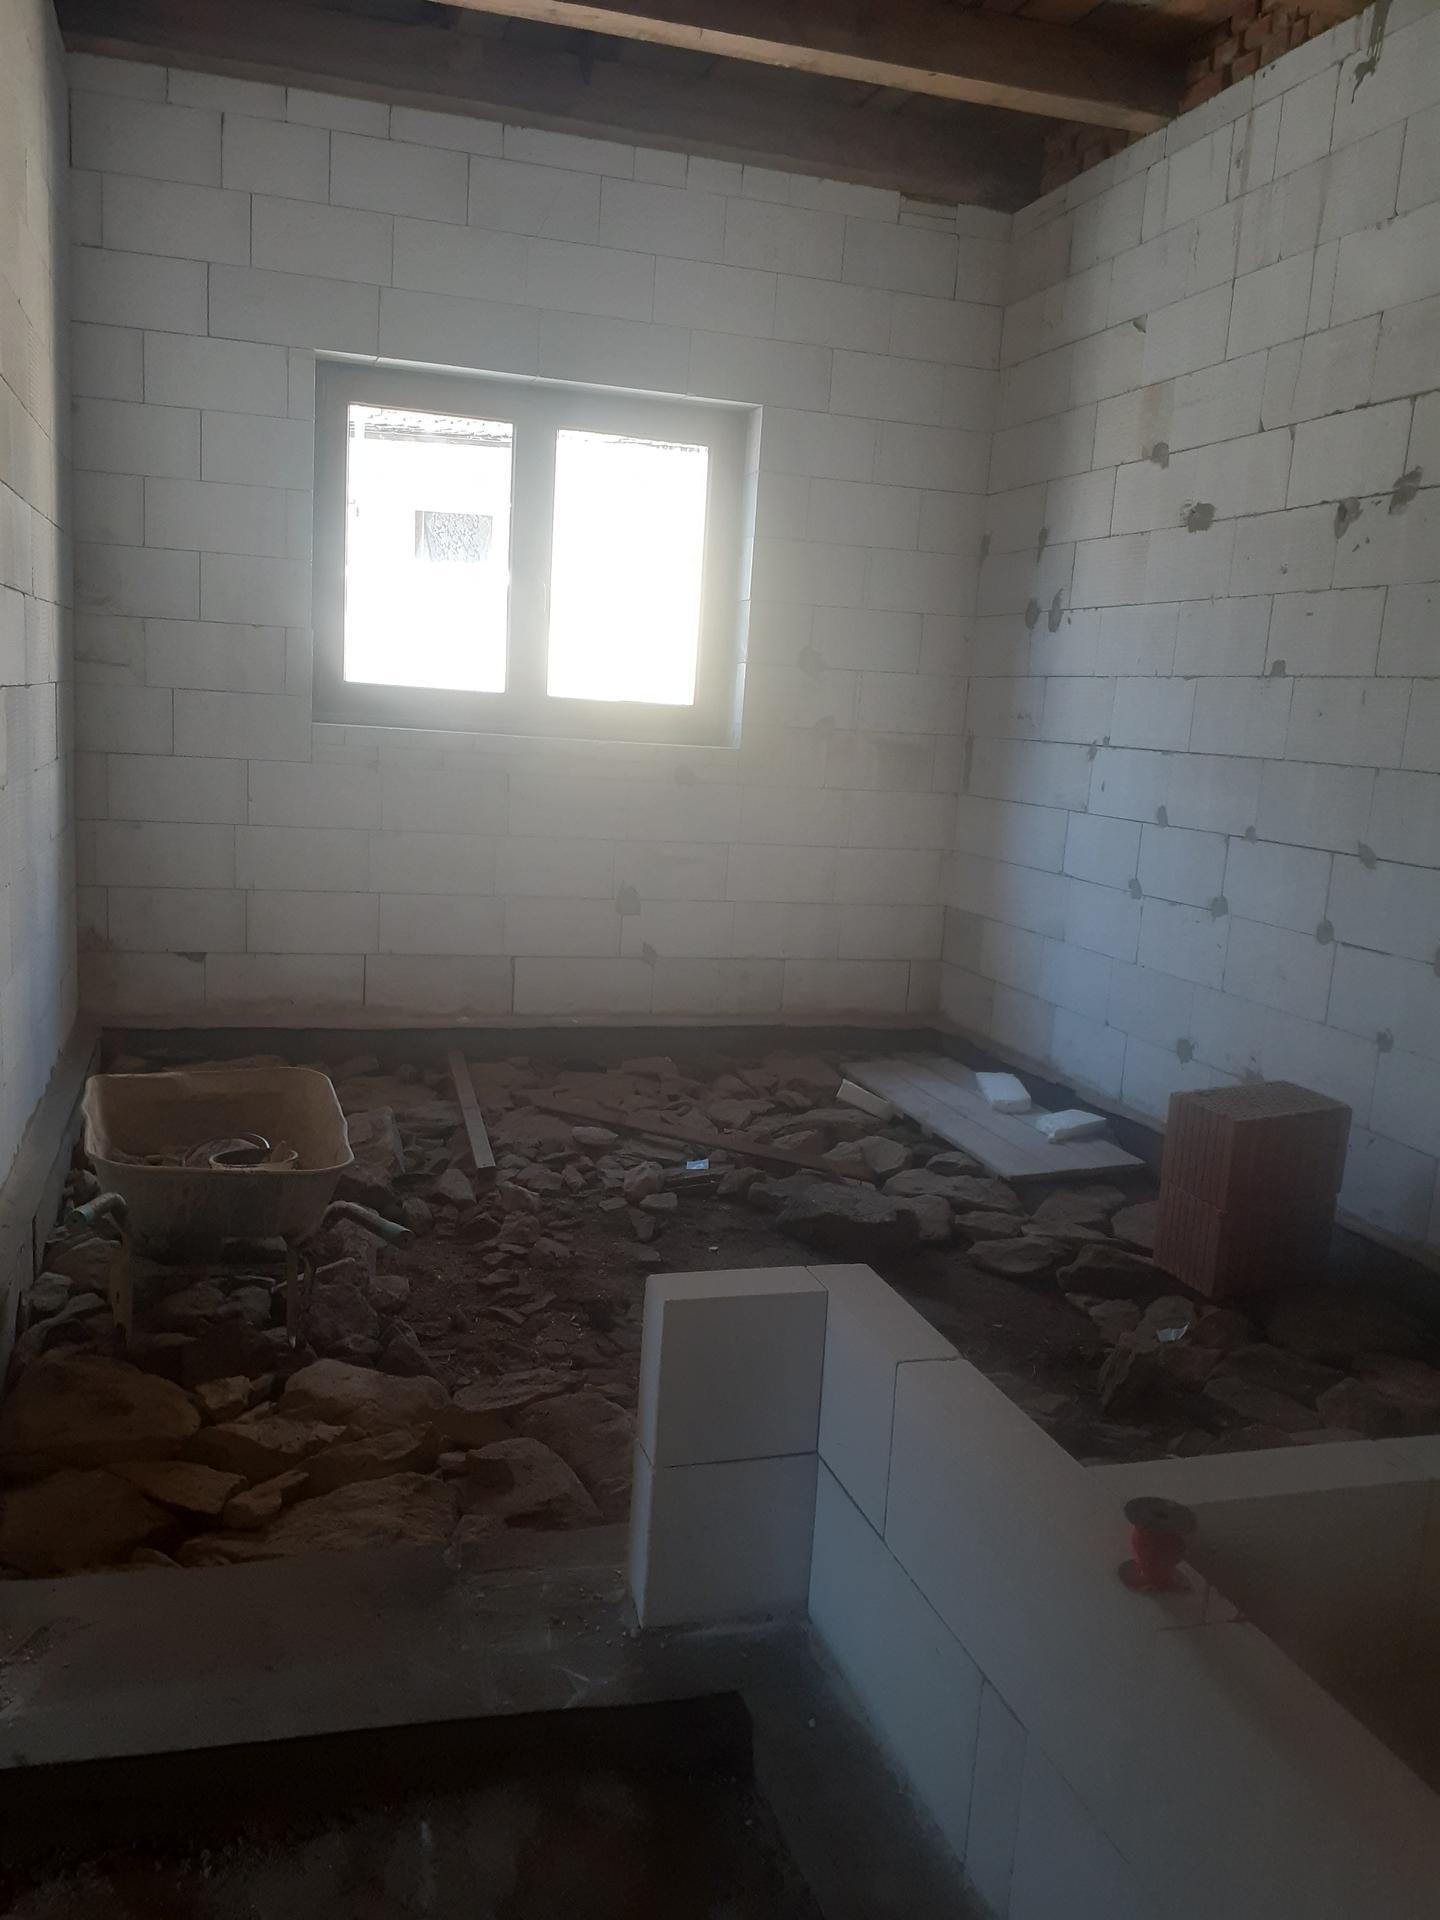 Hrubá stavba - Březen 2021 - dozdívání příček mezi ložnicí, koupelnoz, záchodem, spíží a kuchyní.